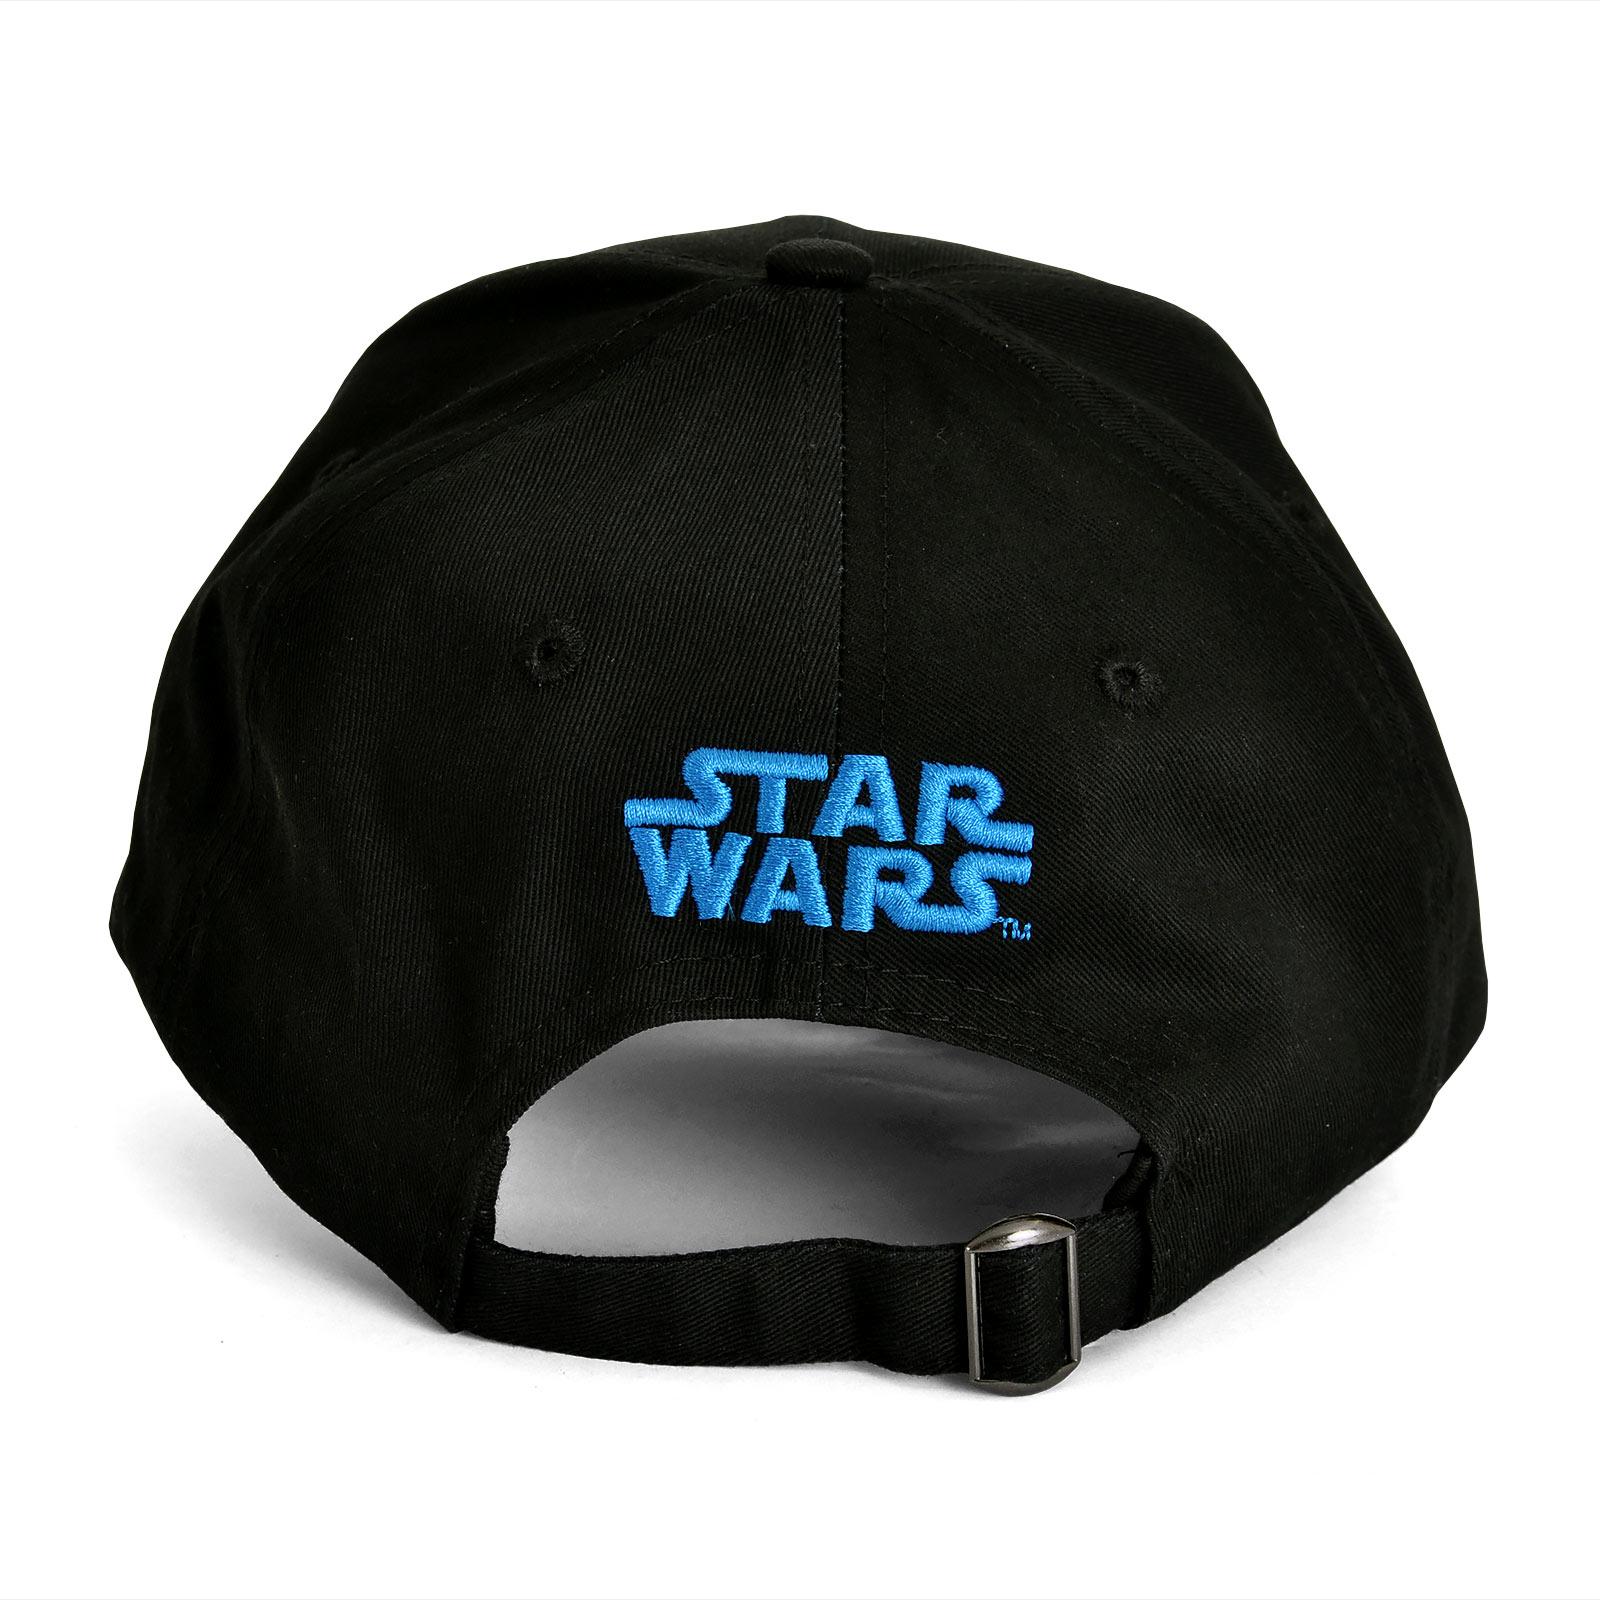 Star Wars - Light Side Basecap mit Leuchteffekt